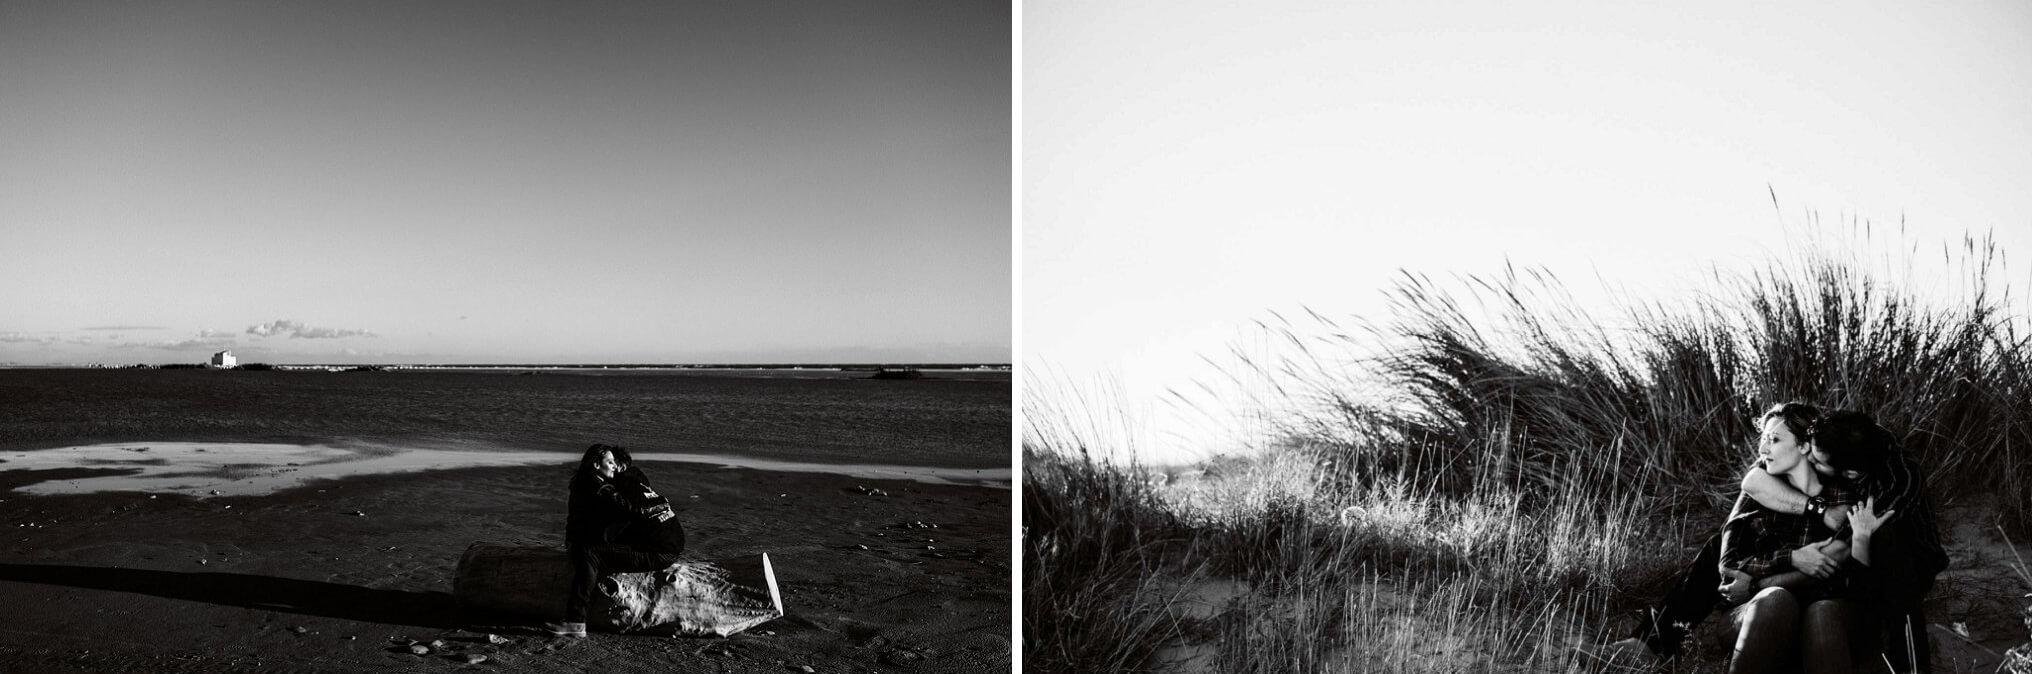 comment-reussir-vos-photos-de-couple-nature-mer-plage-soleil